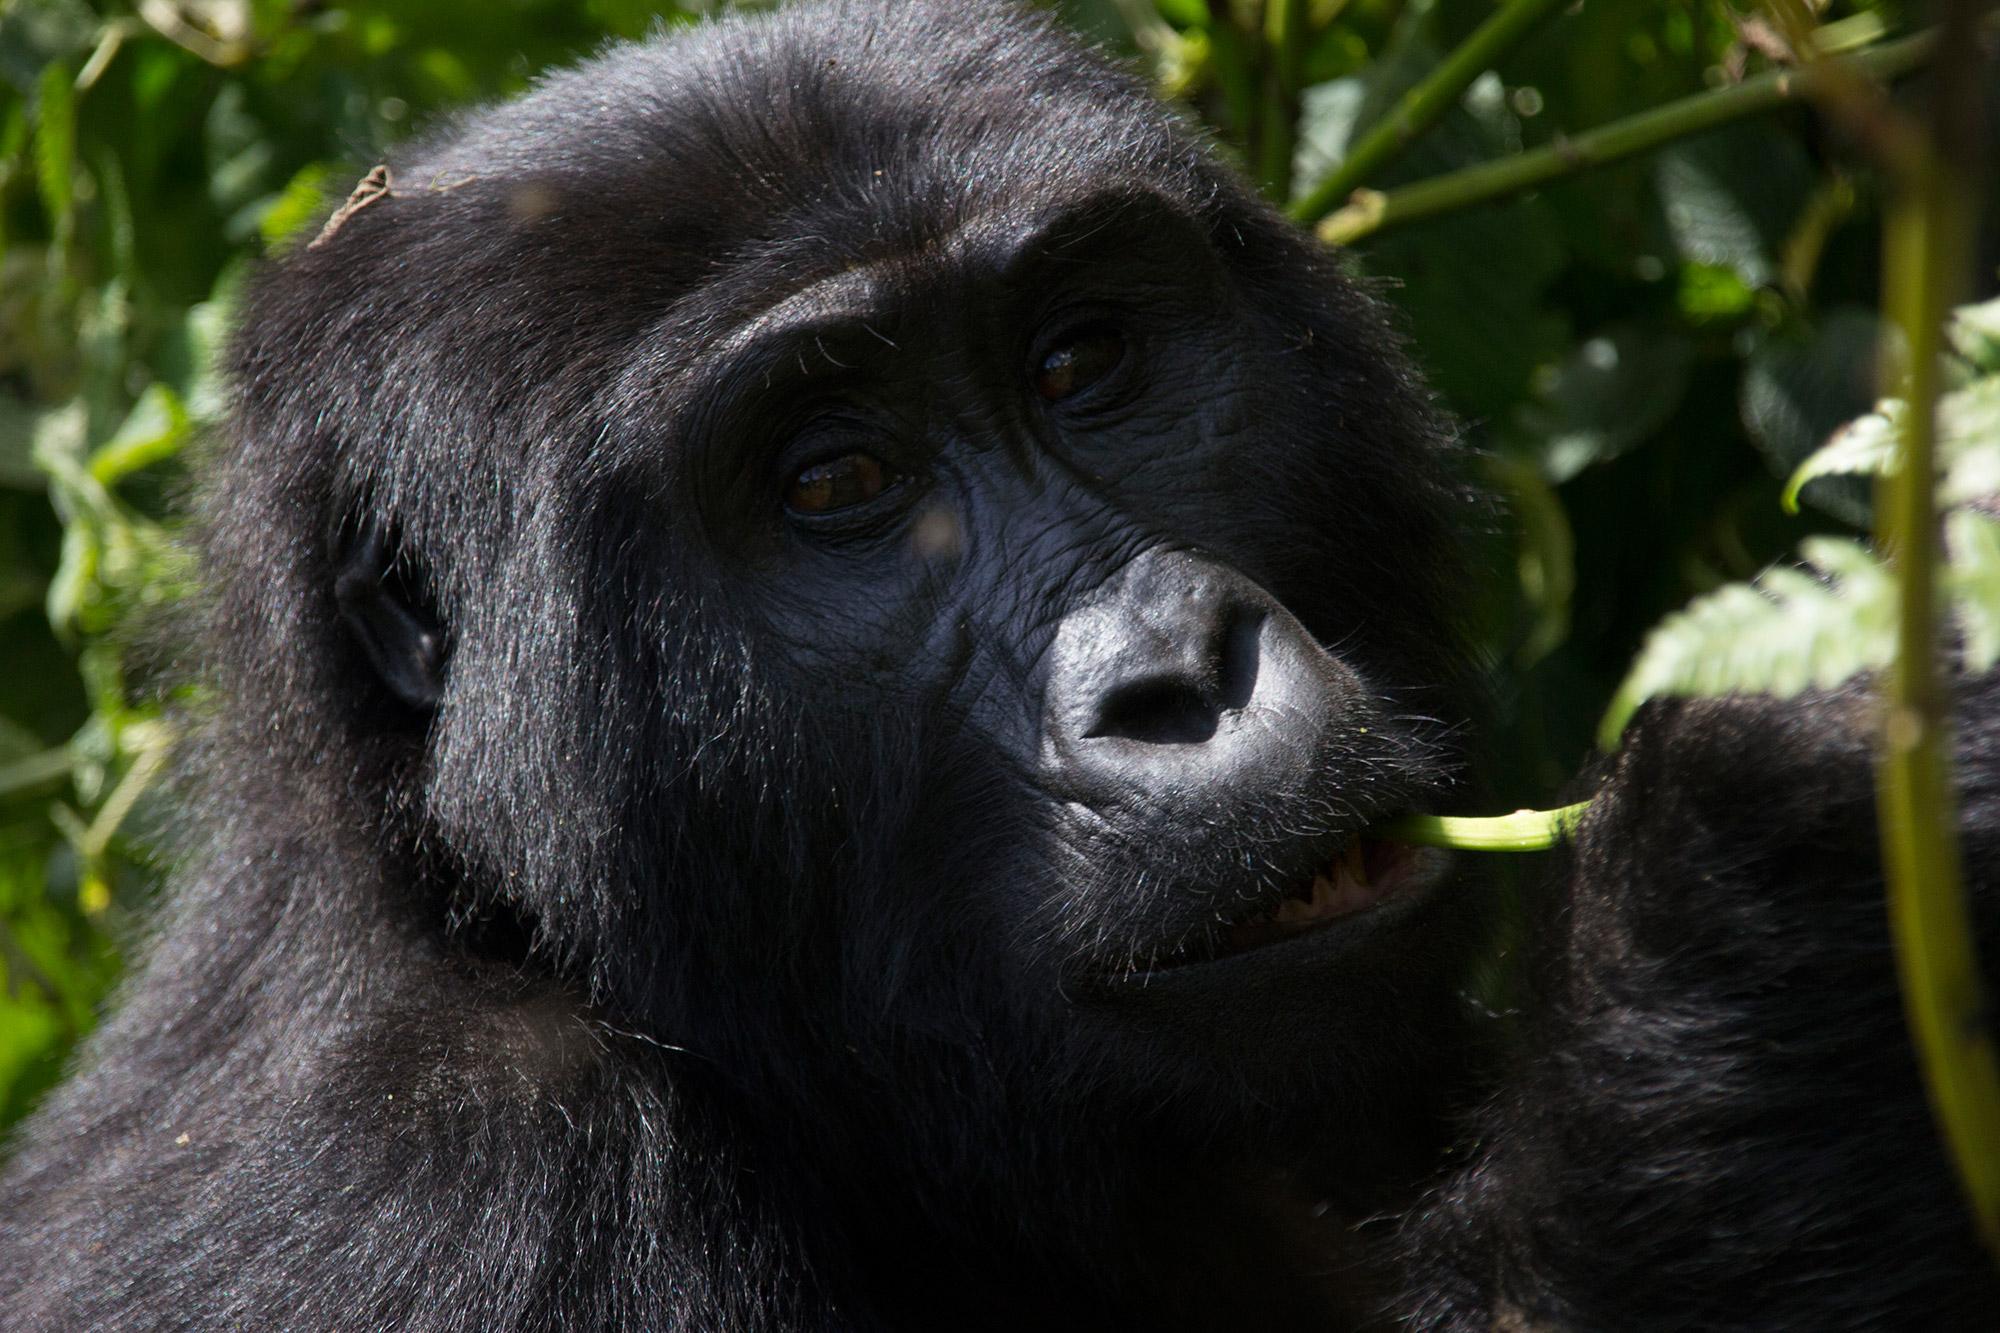 De volgers van Reizen & Reistips: Eric en Claudia - Berggorilla in Oeganda